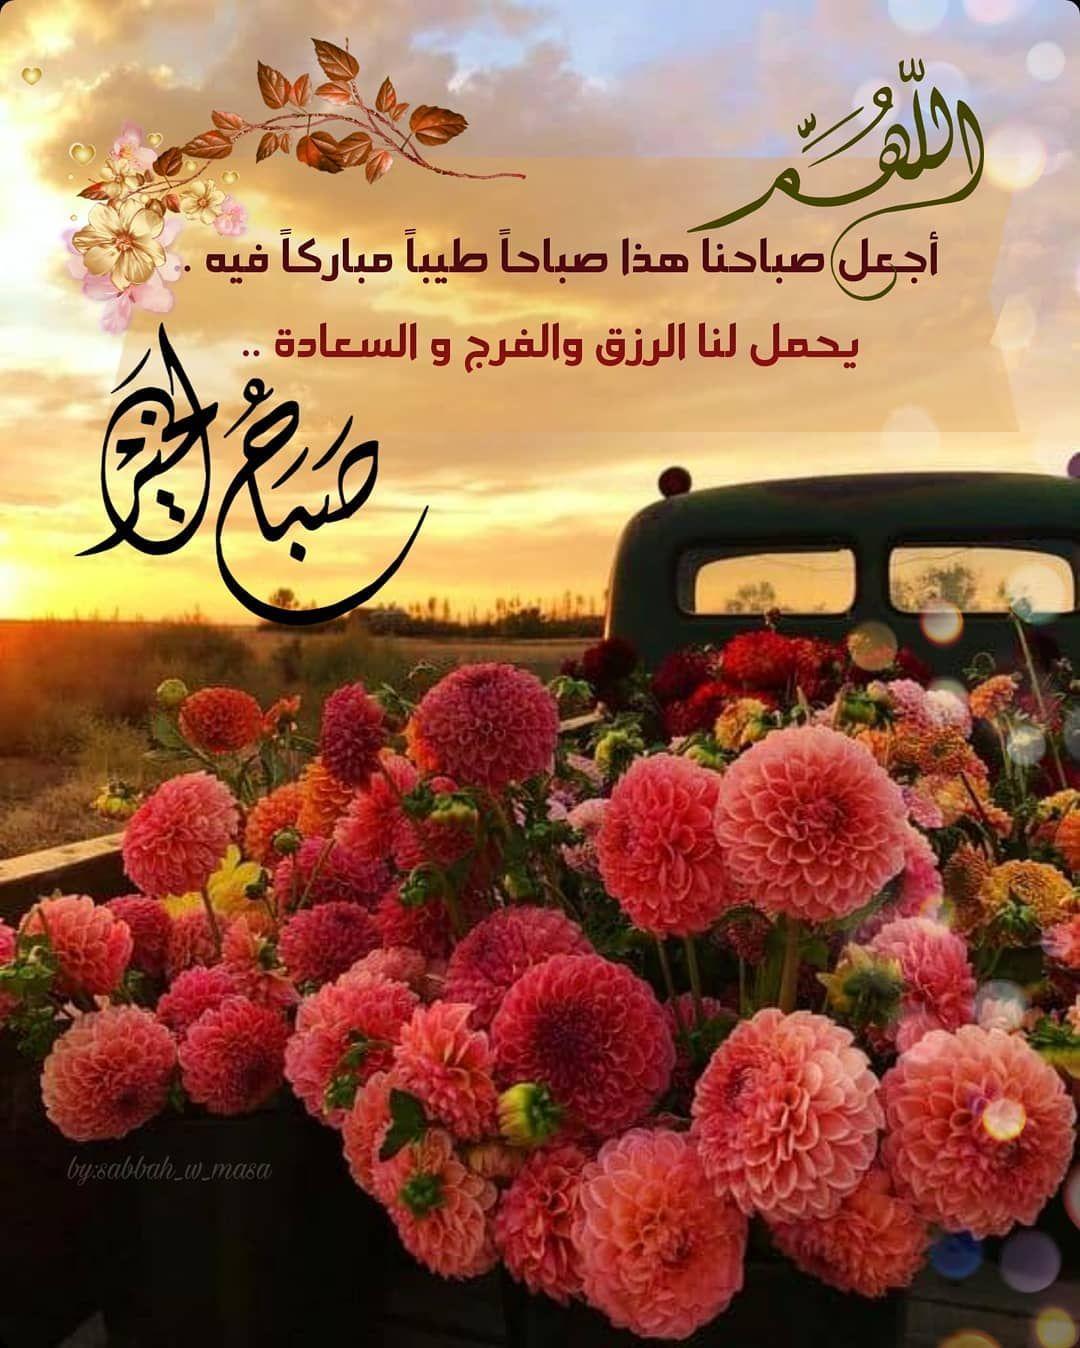 صبح و مساء On Instagram اللهم أجعل صباحنا هذا صباحا طيبا مباركا فيه يحمل ل Good Morning Flowers Beautiful Morning Messages Good Morning Images